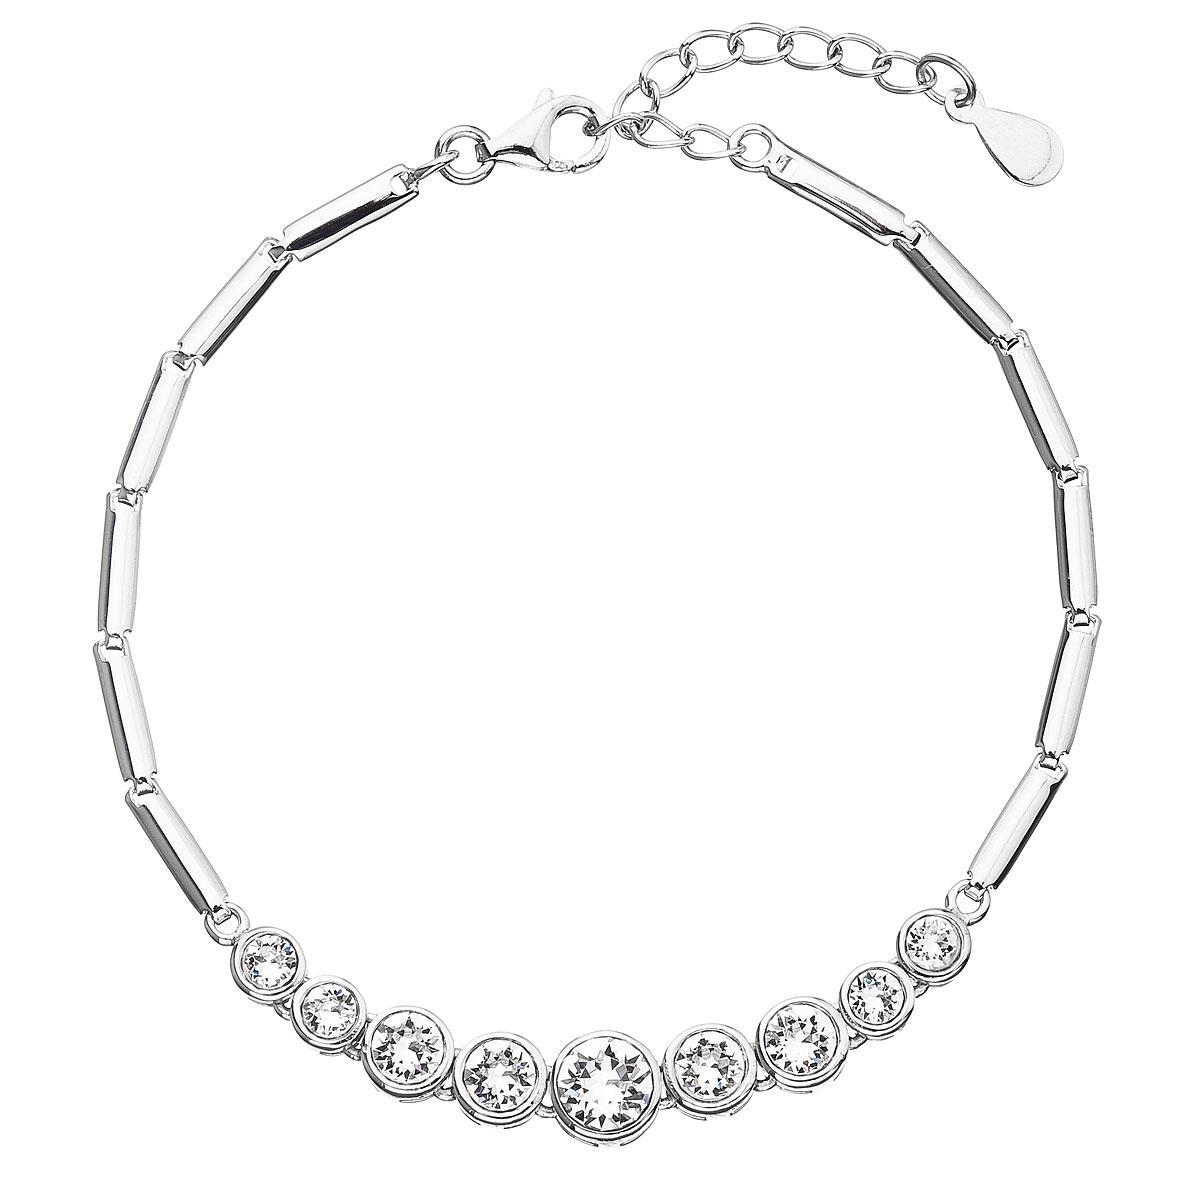 Strieborný náramok s kryštálmi Crystals from Swarovski®Crystal